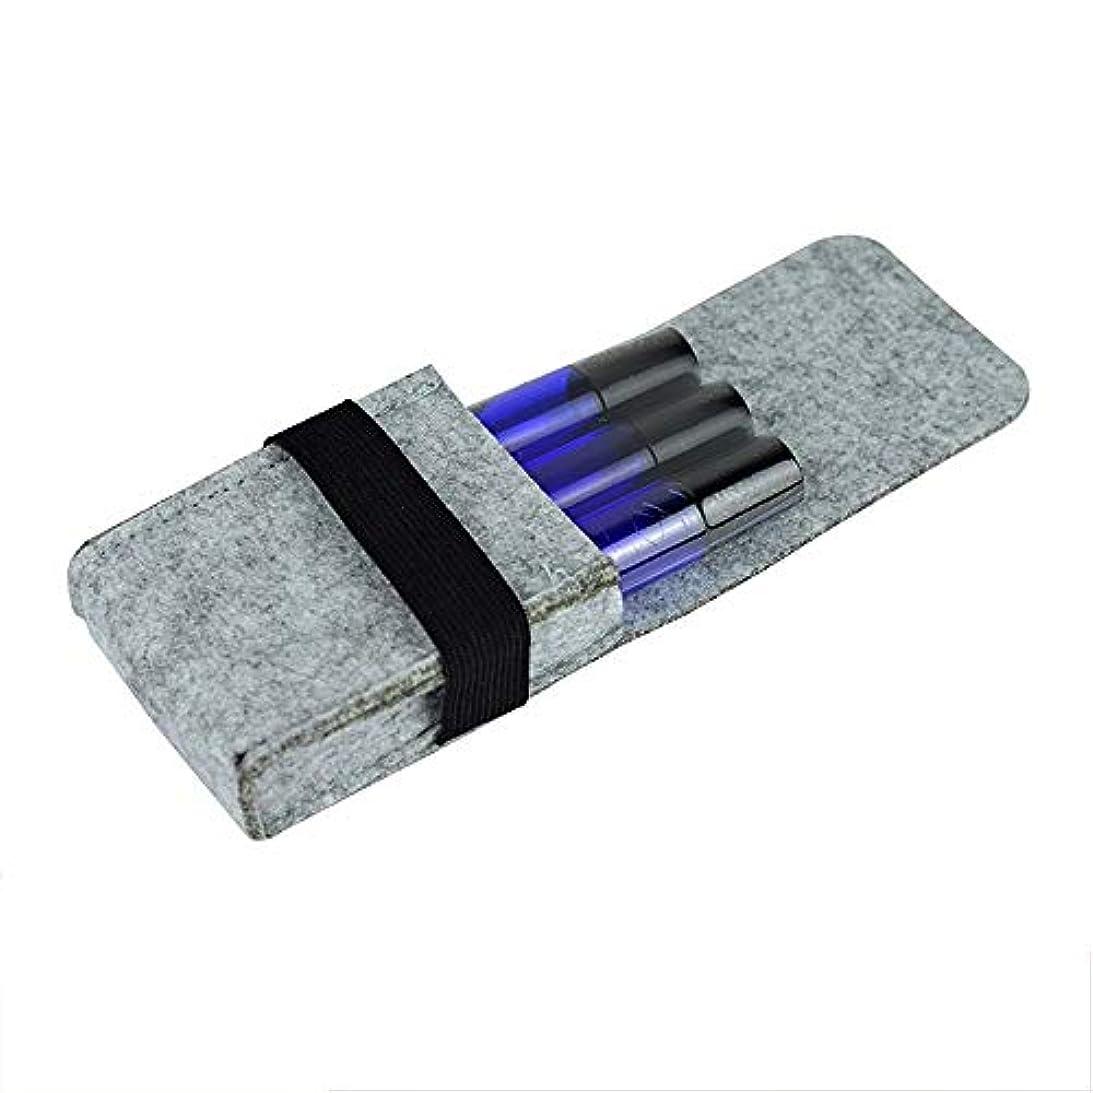 枠正気用語集エッセンシャルオイルボックス エッセンシャルオイル収納ボックス革トラベルバッグオーガナイザーポーチフェルトオイルボトル10MLを手に入れました アロマセラピー収納ボックス (色 : グレー, サイズ : 10X6.5X2.5CM)